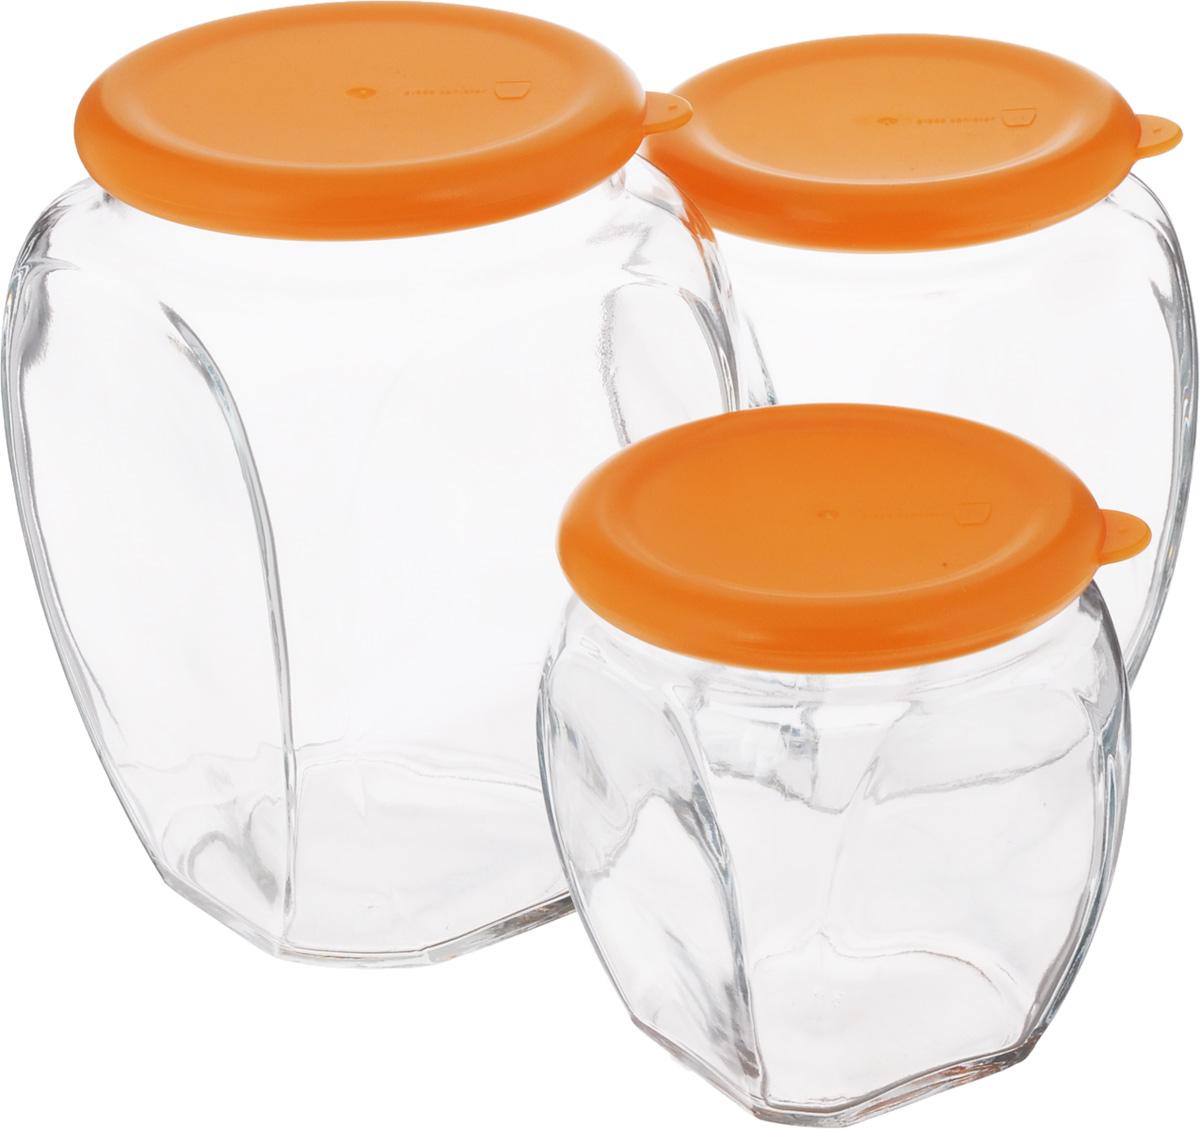 Набор контейнеров для сыпучих продуктов Glasslock, 3 шт. IG-674IG-674Набор Glasslock состоит из трех контейнеров для сыпучих продуктов. Изделия выполнены из экологически чистого закаленного ударопрочного стекла и оснащены пластиковыми крышками. Контейнеры удобно ставятся друг на друга для экономии места на кухне. Изделия плотно и герметично закрываются крышками, что позволяет продуктам дольше оставаться свежими, сохранять аромат и вкус. Благодаря прозрачным стенкам, можно видеть содержимое. Размер подходит для хранения в дверце холодильника. Такие контейнеры идеально подходят для хранения различных сыпучих продуктов: орехов, печенья, круп, хлопьев, варенья и т.д. Можно мыть в посудомоечной машине. Подходят для хранения пищи в морозильнике и холодильнике. Не использовать в микроволновой печи и духовке.Комплектация: 3 шт. Объем контейнеров: 350 мл; 500 мл; 815 мл. Диаметр контейнеров (по верхнему краю): 7,5 см; 7,5 см; 8,5 см. Высота контейнеров (с учетом крышки): 9,5 см; 12 см; 14,5 см.